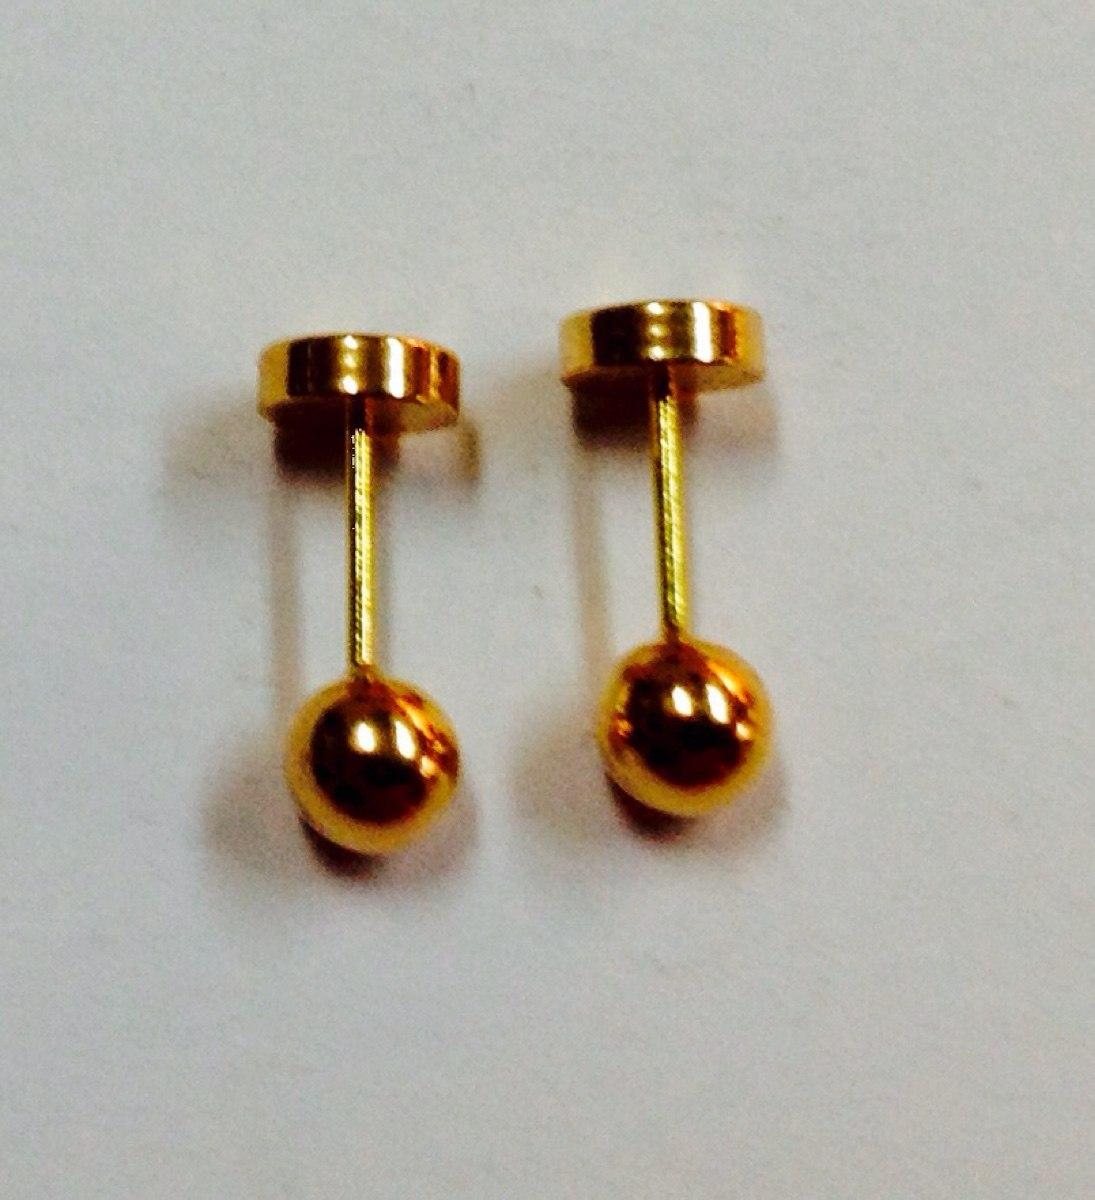 589498f7c72a Aros Oro Para Bebe Psp Gps -   29.900 en Mercado Libre